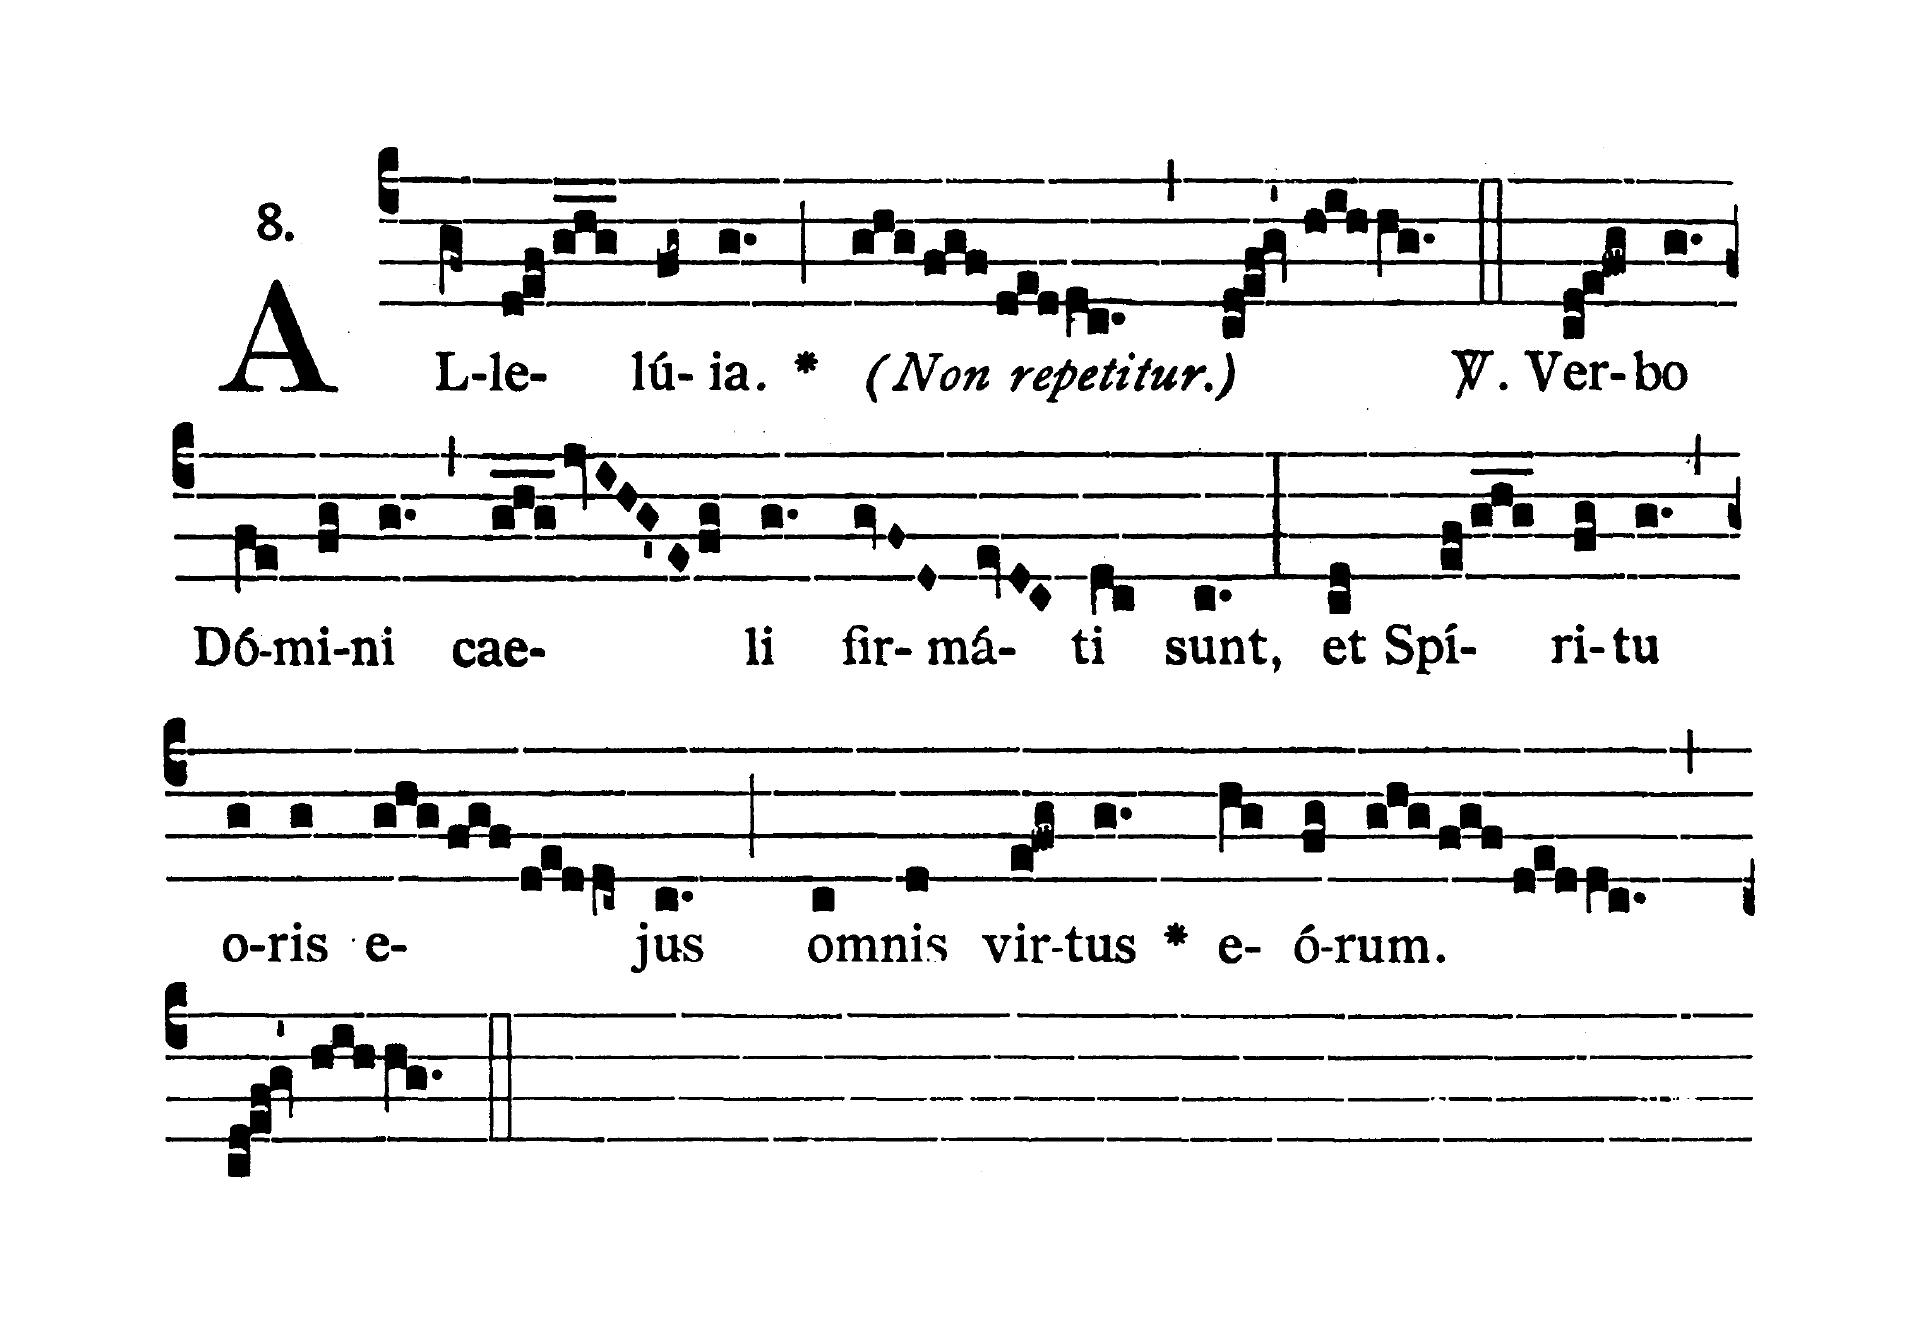 Feria quarta infra Octavam Pentecostes (Środa w oktawie Zesłania Ducha Świętego) - Alleluia prima (Verbo Domini)